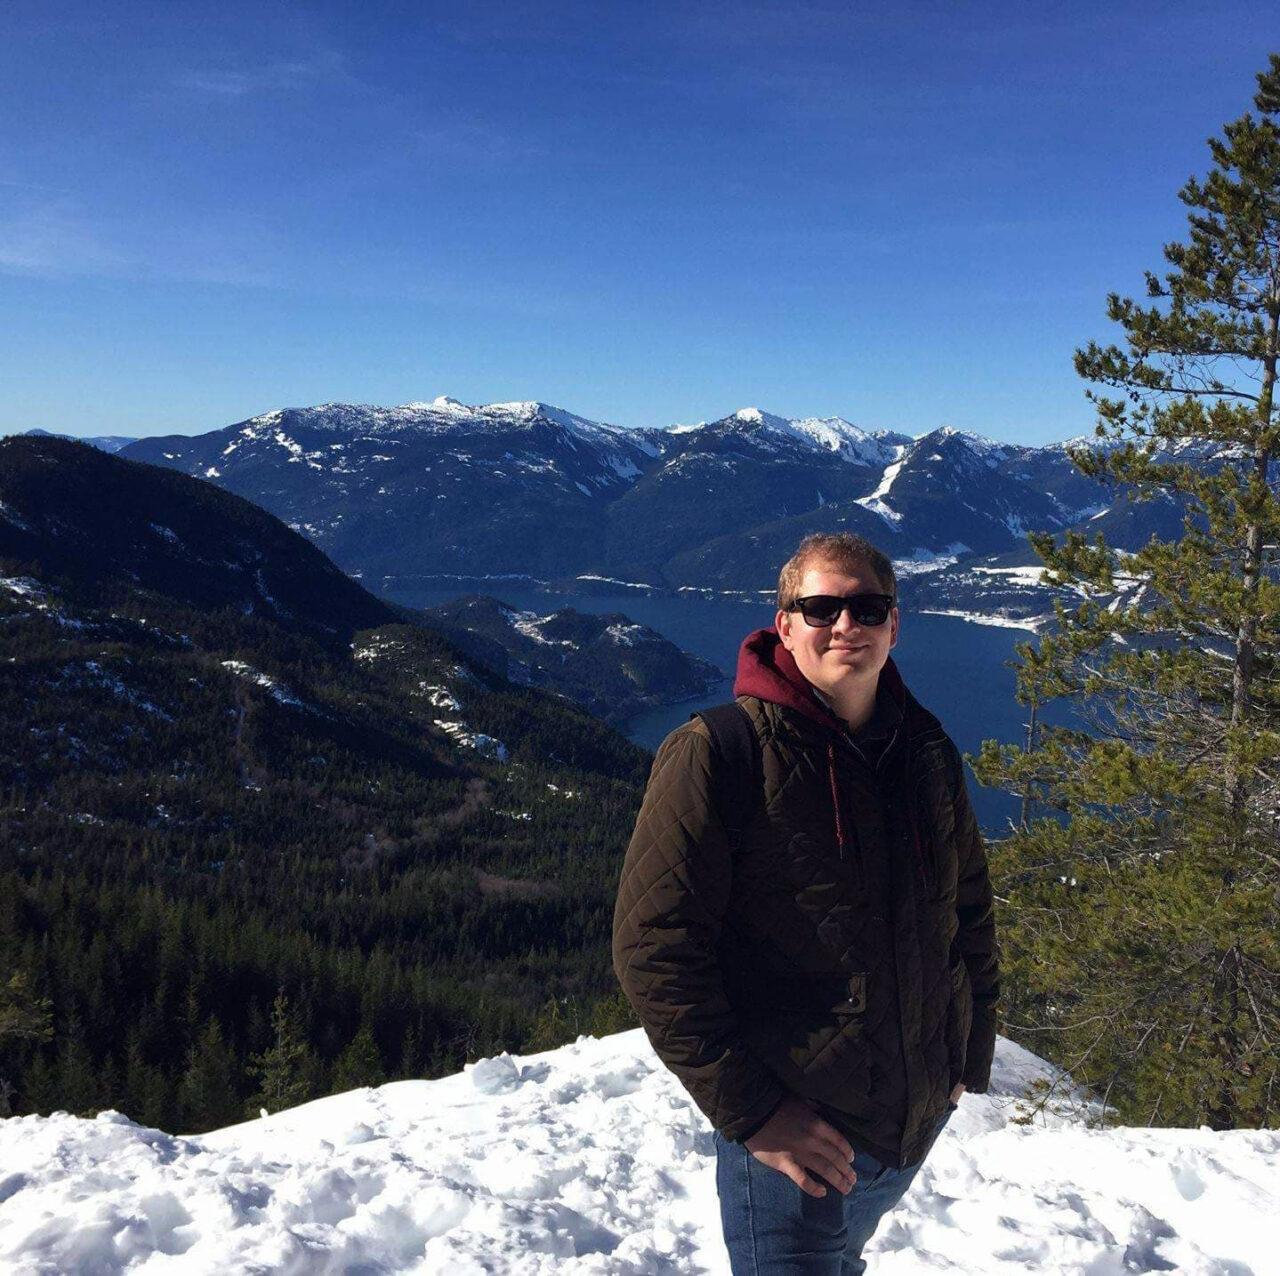 Orsini hikes in Squamish, British Columbia, Canada